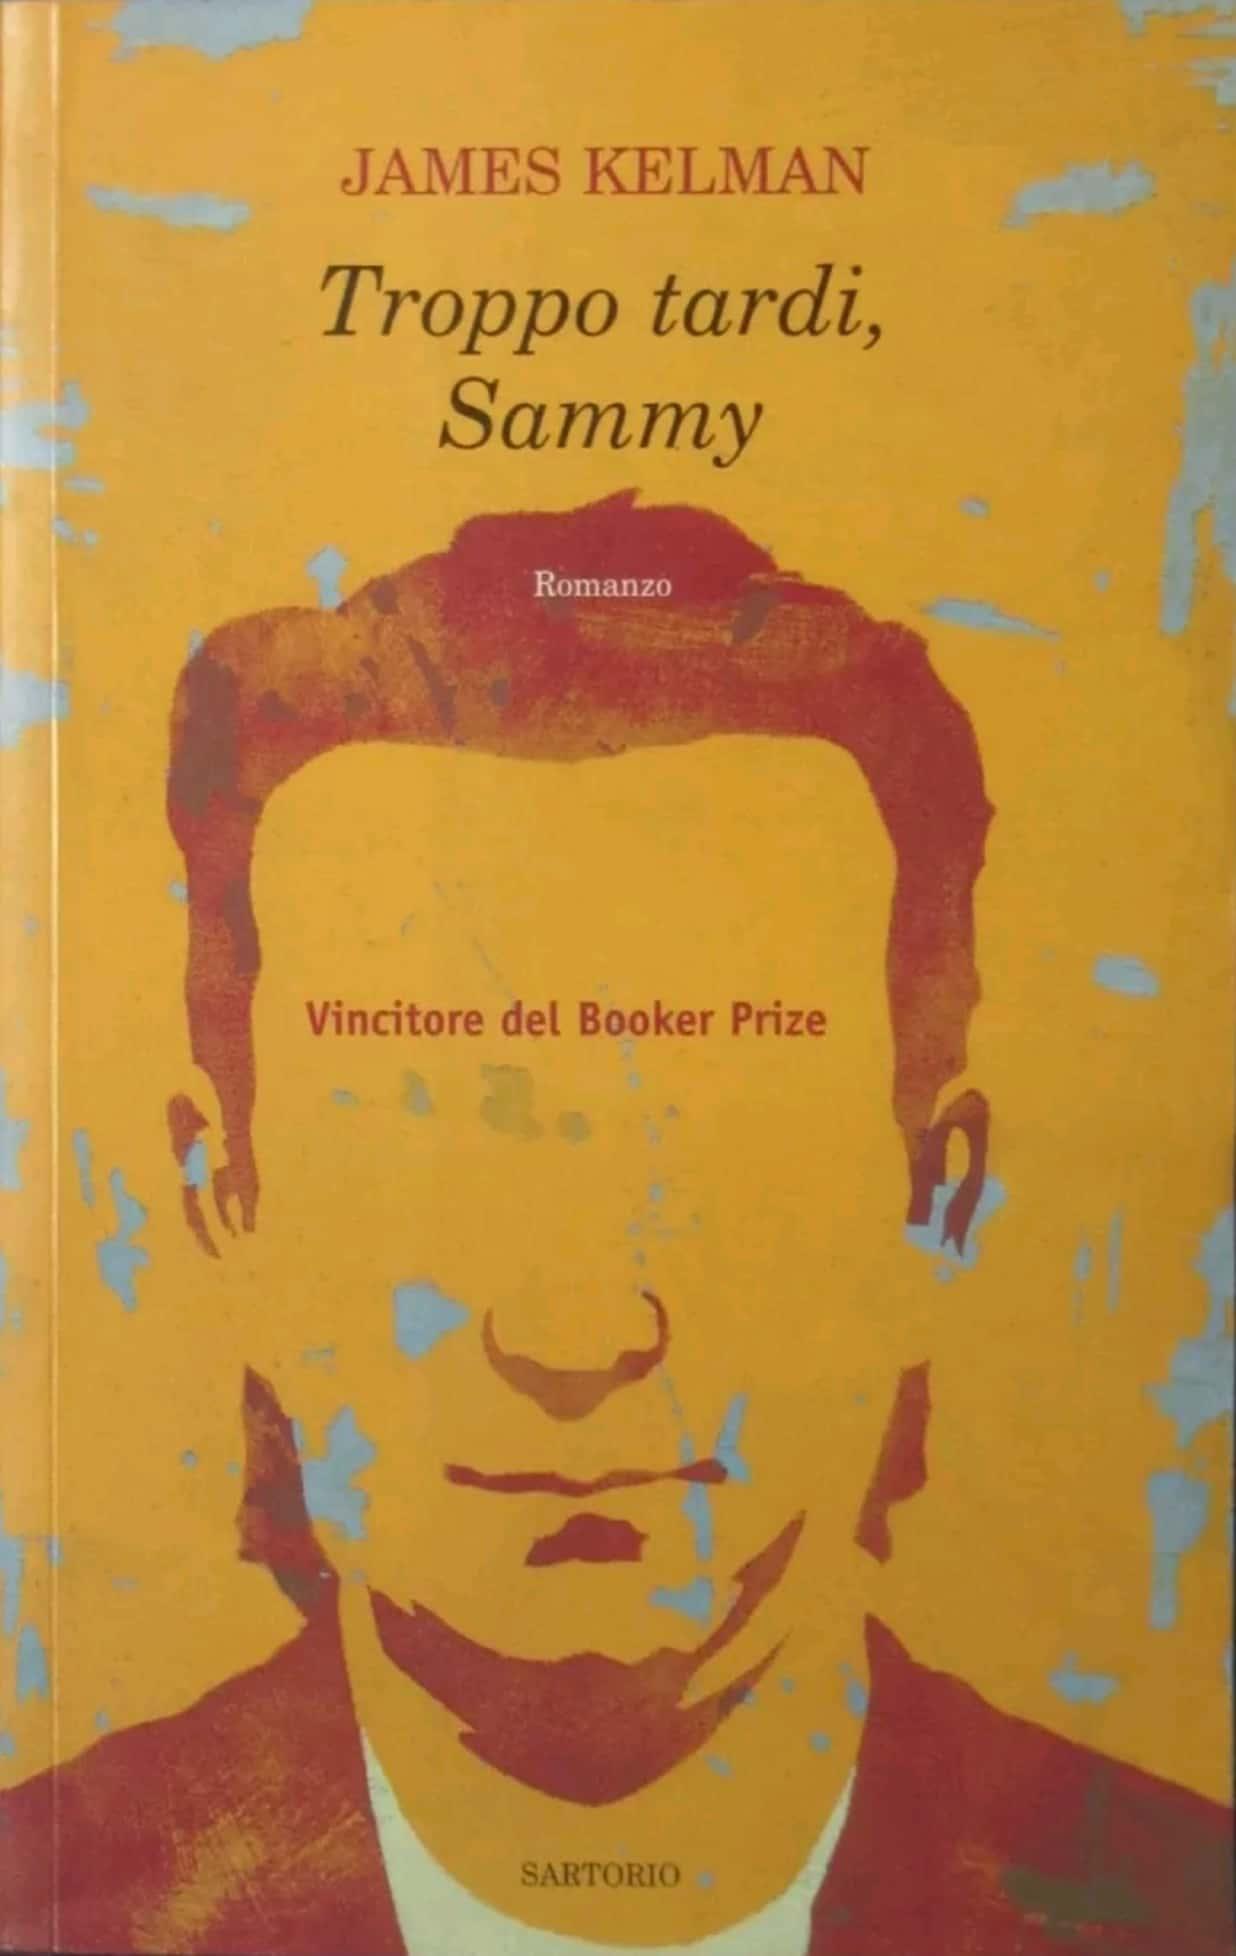 Zitti, nessuno si azzardi a parlare di James Kelman! Un solo libro in Italia